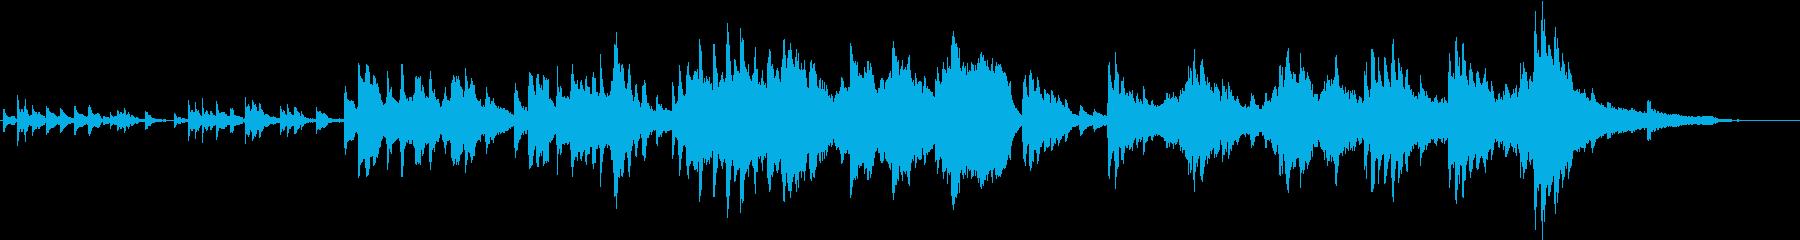 幻想的なオルゴールとピアノ、弦楽の曲の再生済みの波形